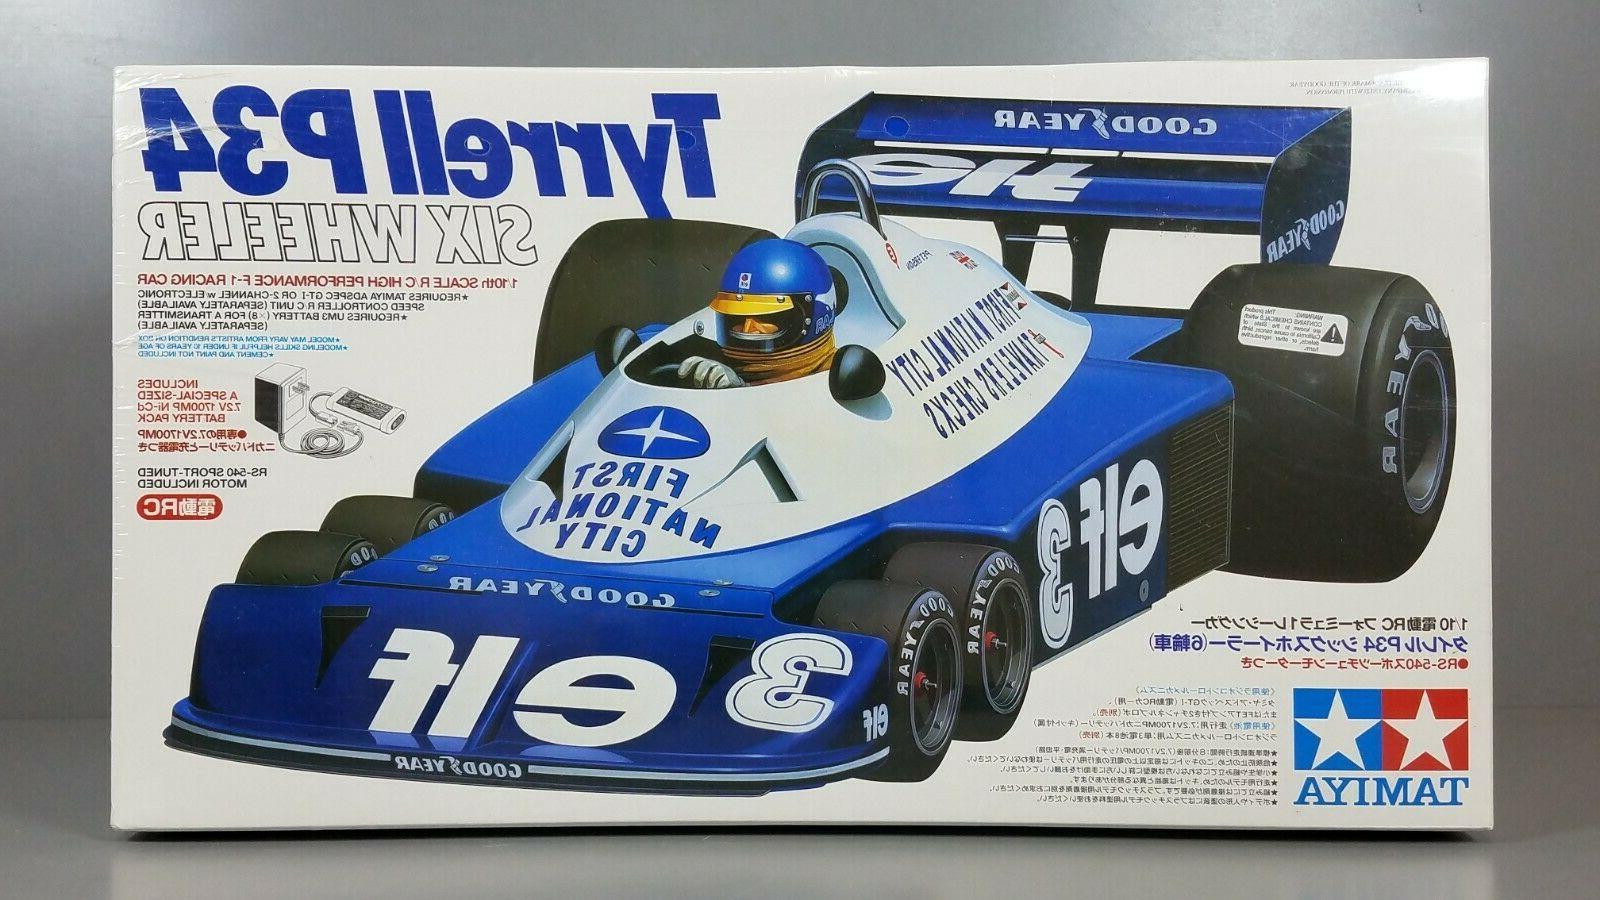 New Seal 1/10 P34 Wheeler Racing Car Battery